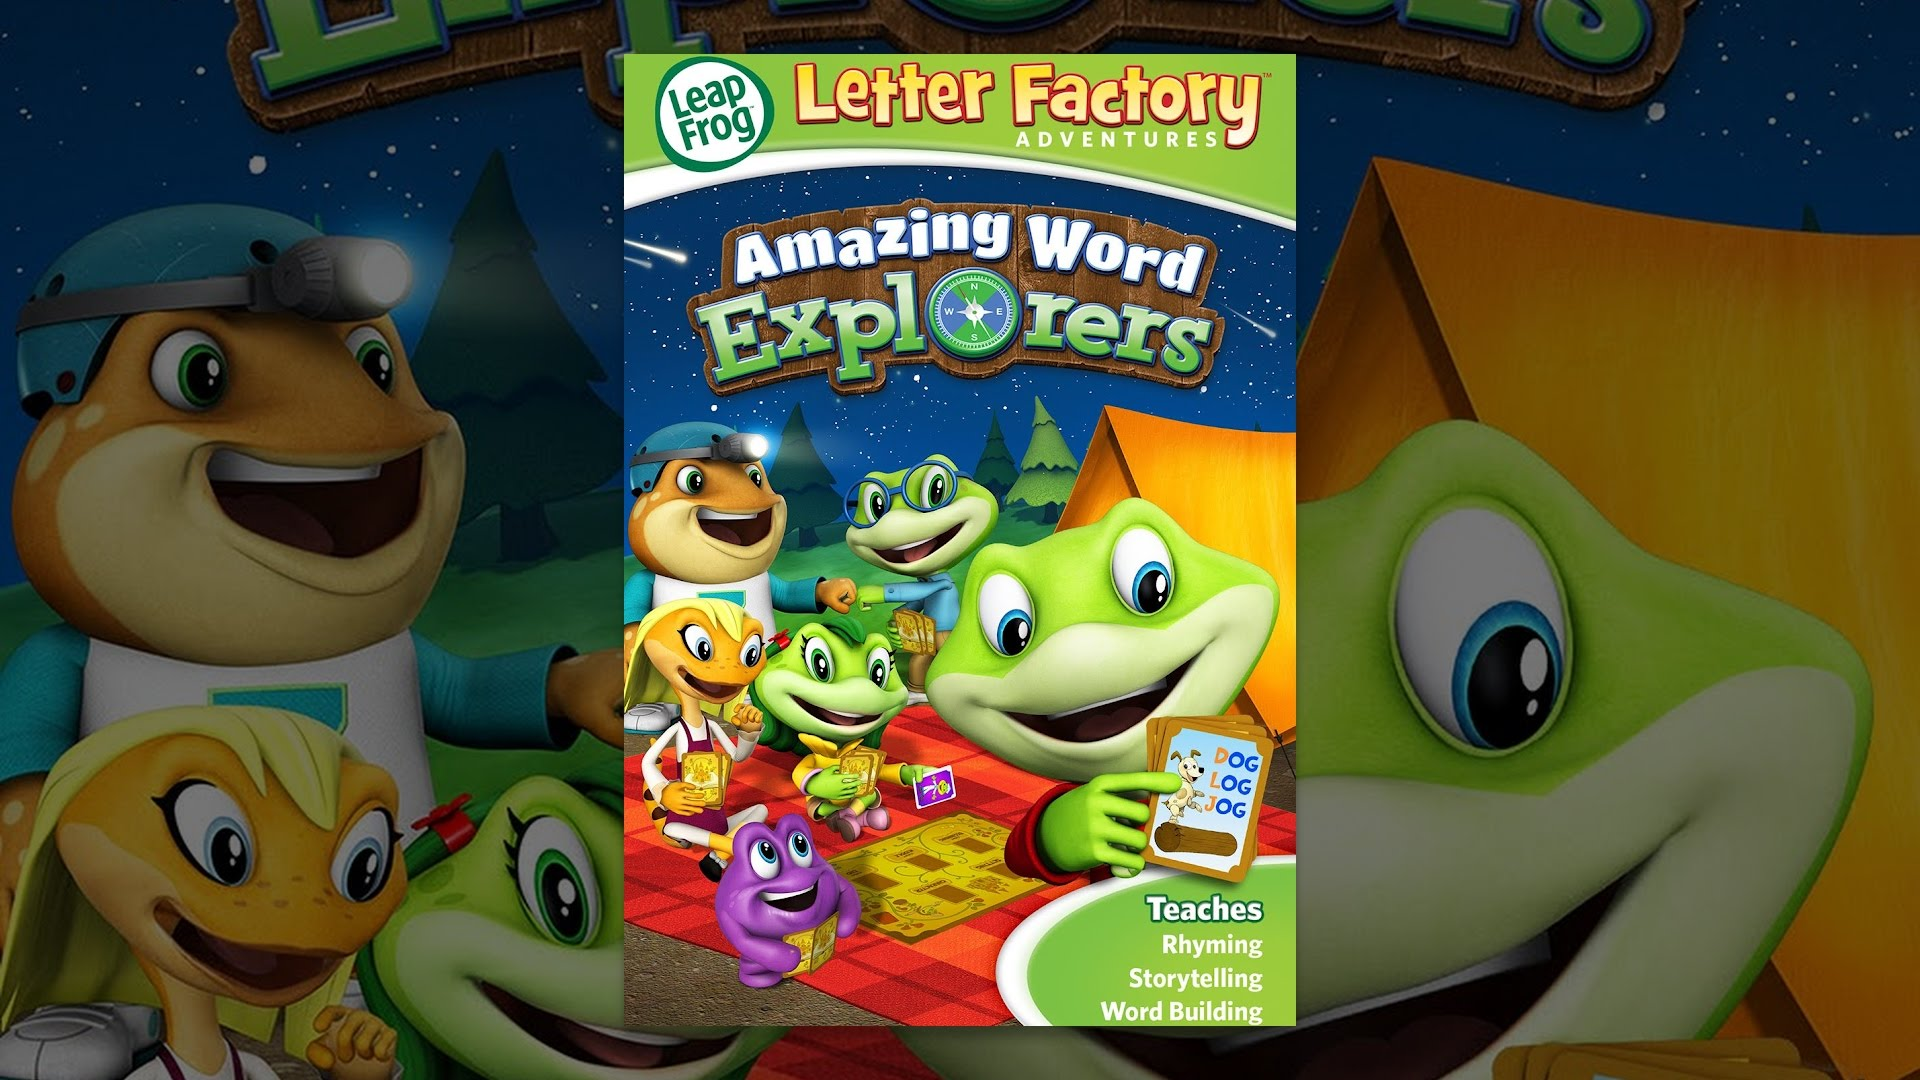 Leapfrog Letter Factory